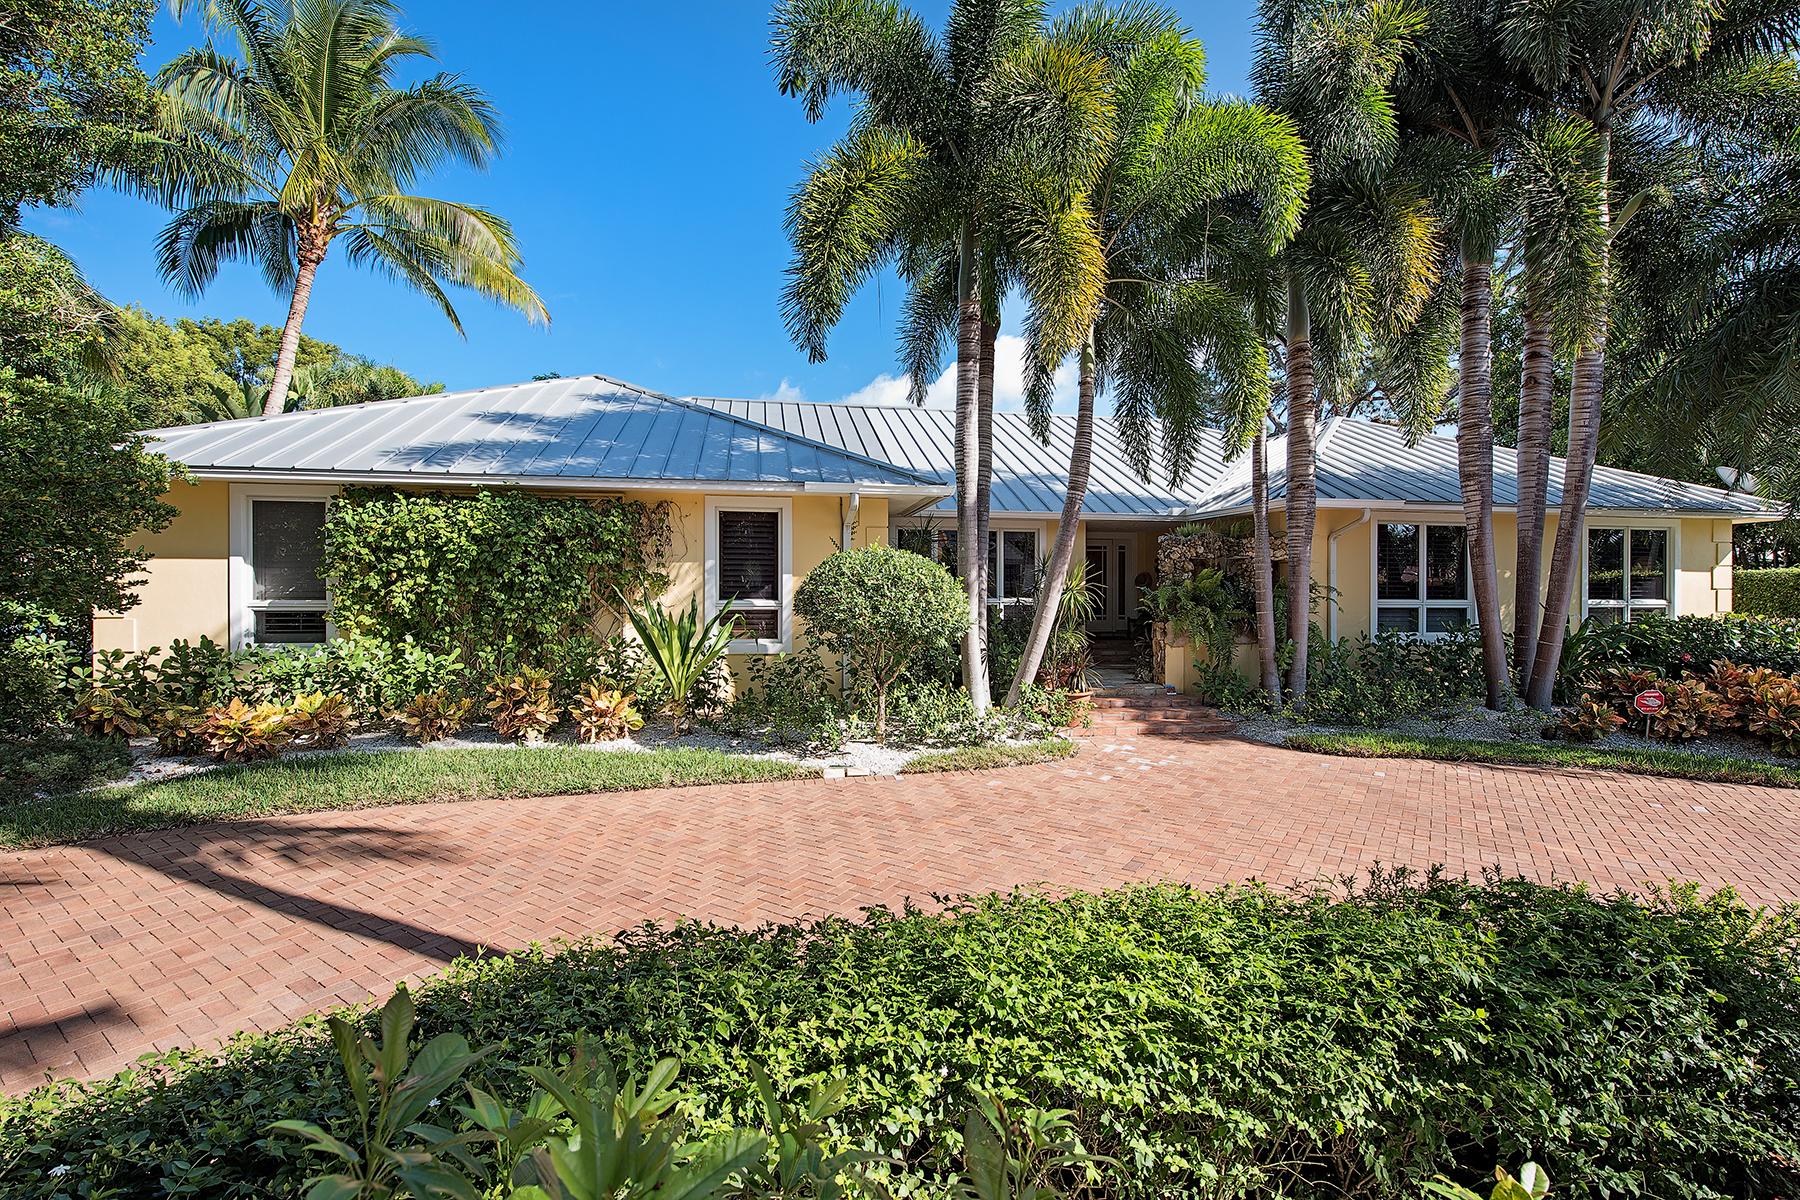 Moradia para Venda às COQUINA SANDS 1180 Oleander Dr Coquina Sands, Naples, Florida, 34102 Estados Unidos